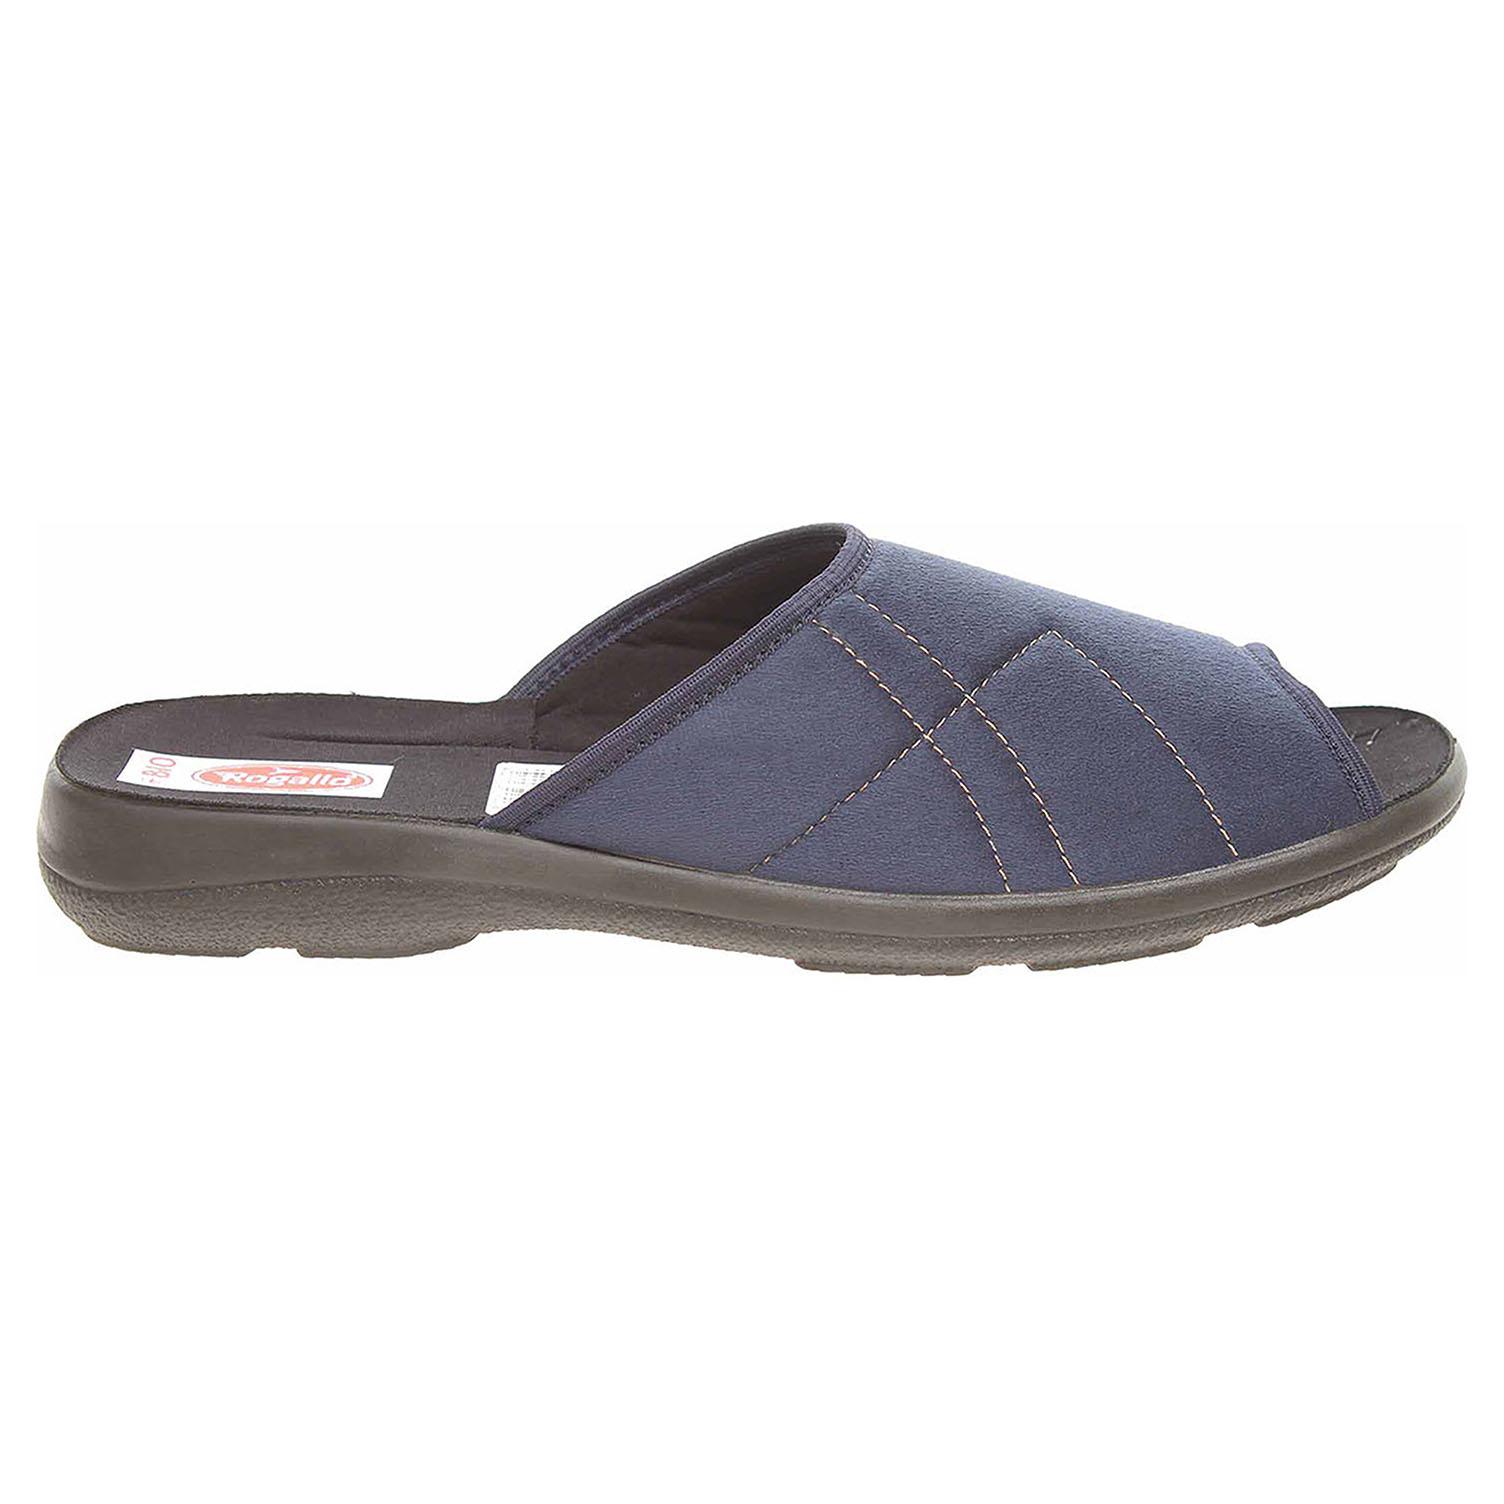 Ecco Rogallo pánské domácí pantofle 22506 modré 24800266